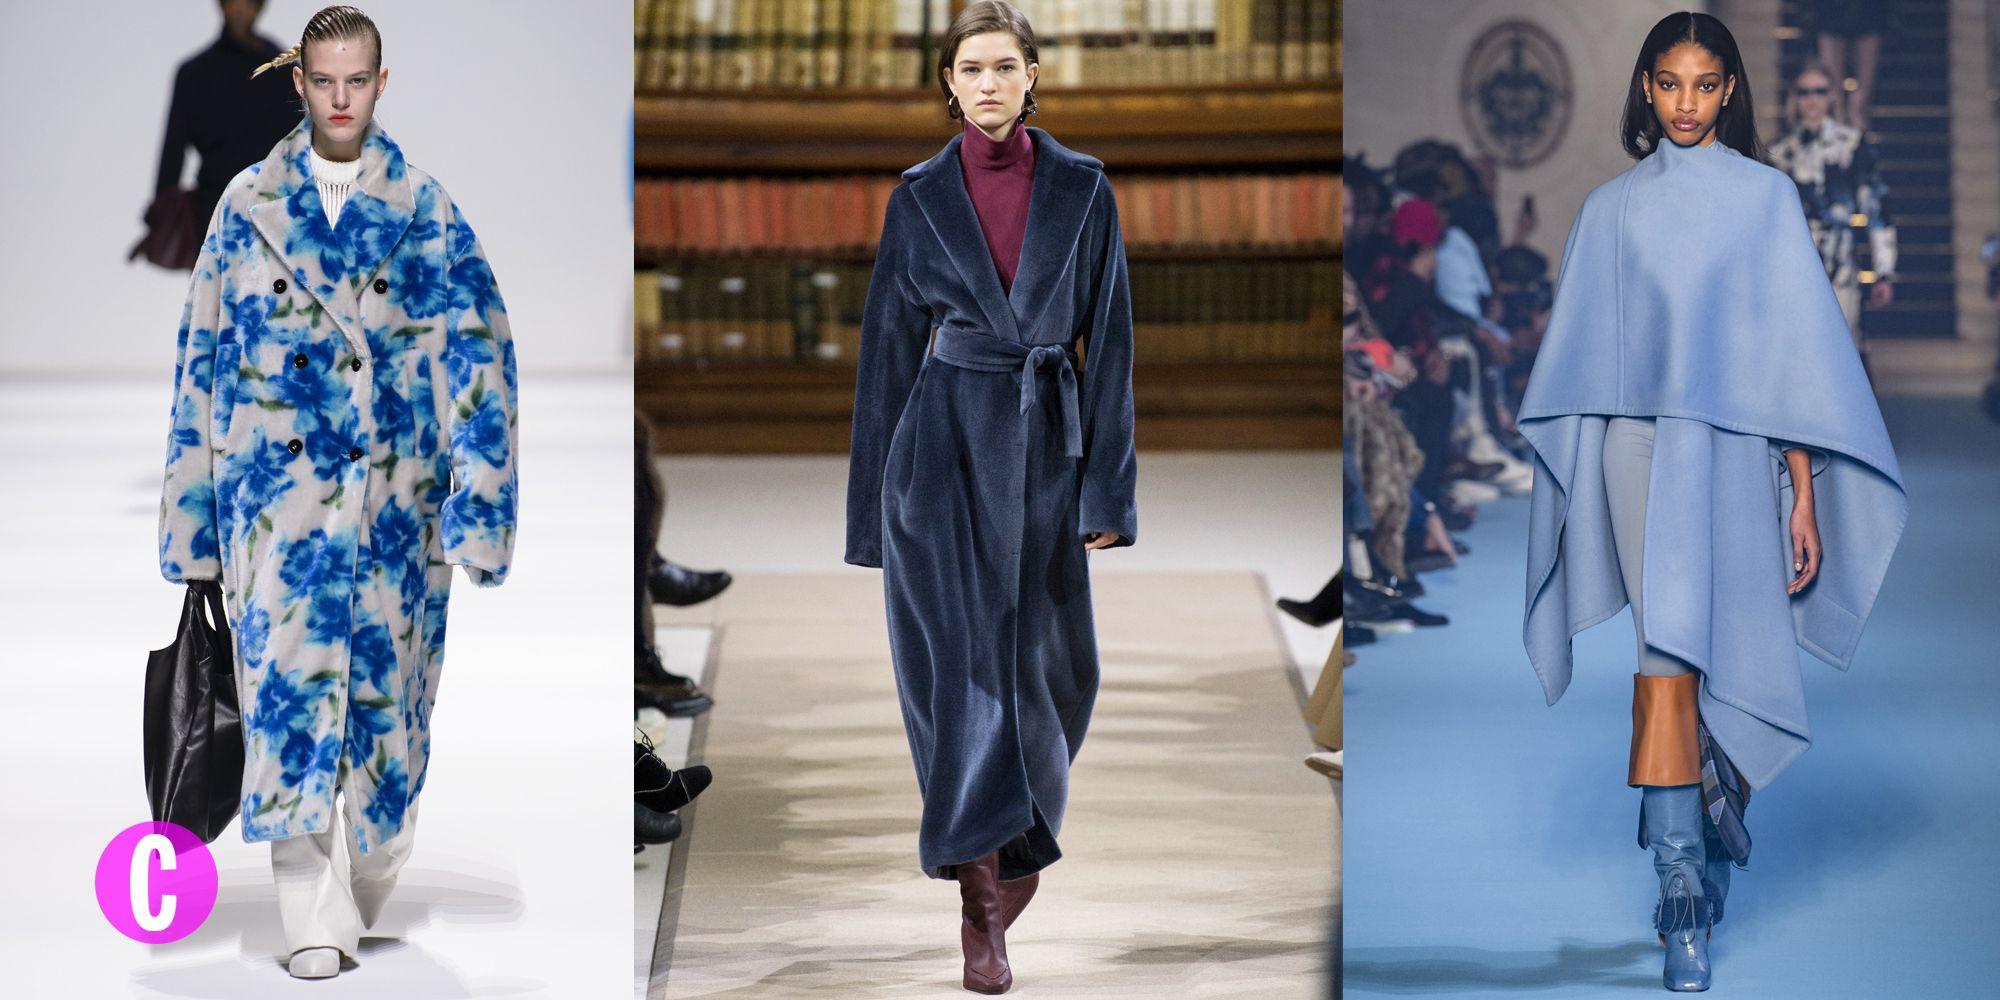 Il cappotto per le donne è il capospalla moda autunno inverno 2018,2019  ancora